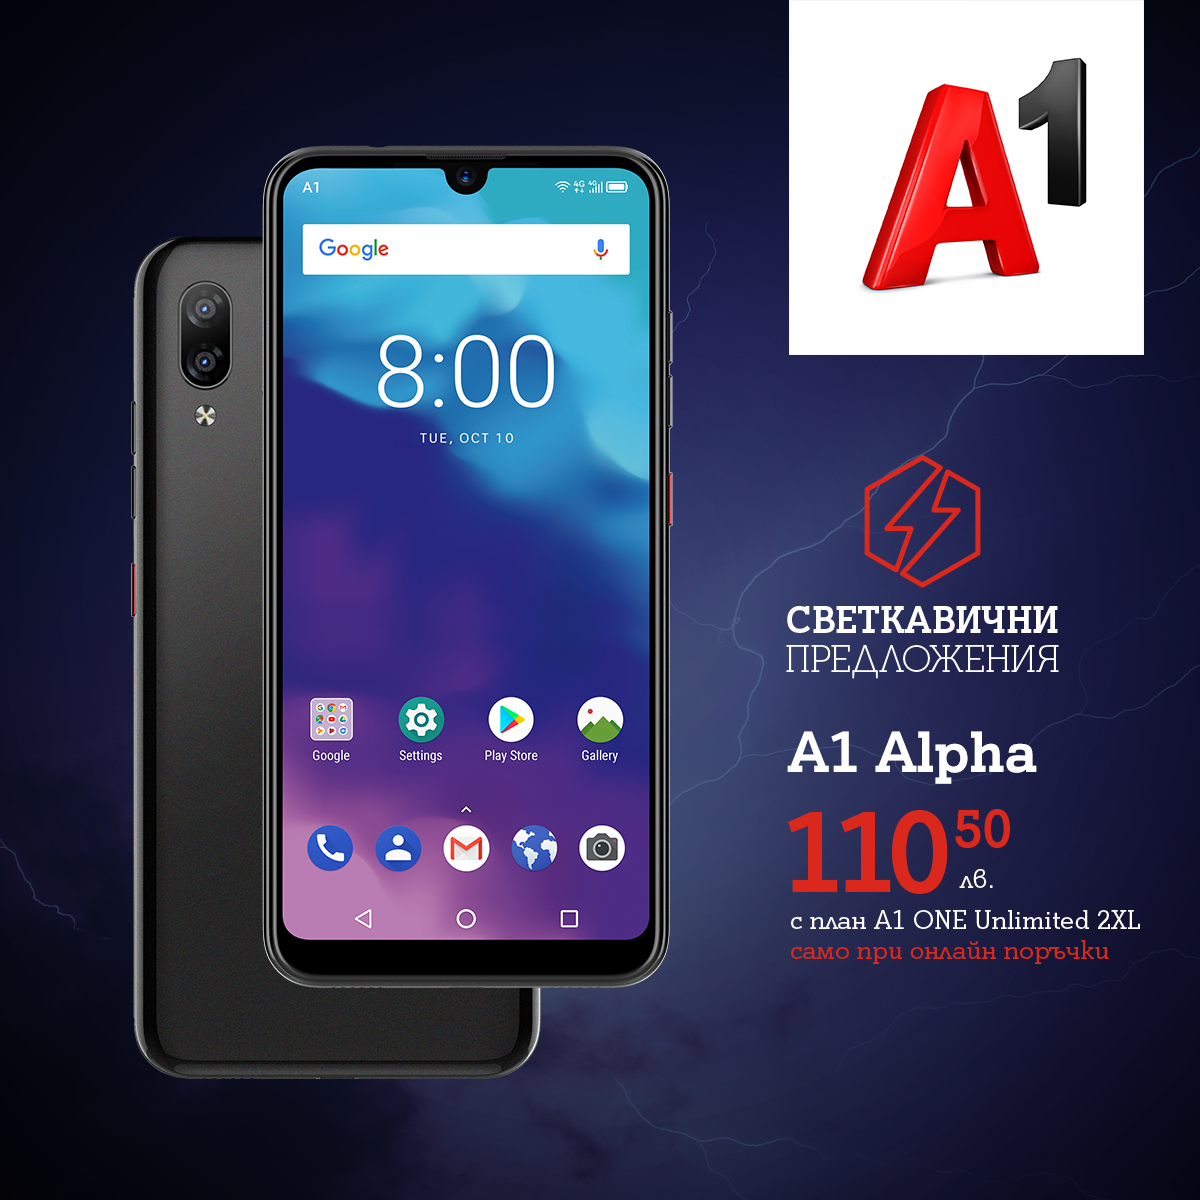 4 смартфона ще са на специални цени в онлайн магазина на А1 в продължение на 4 дни